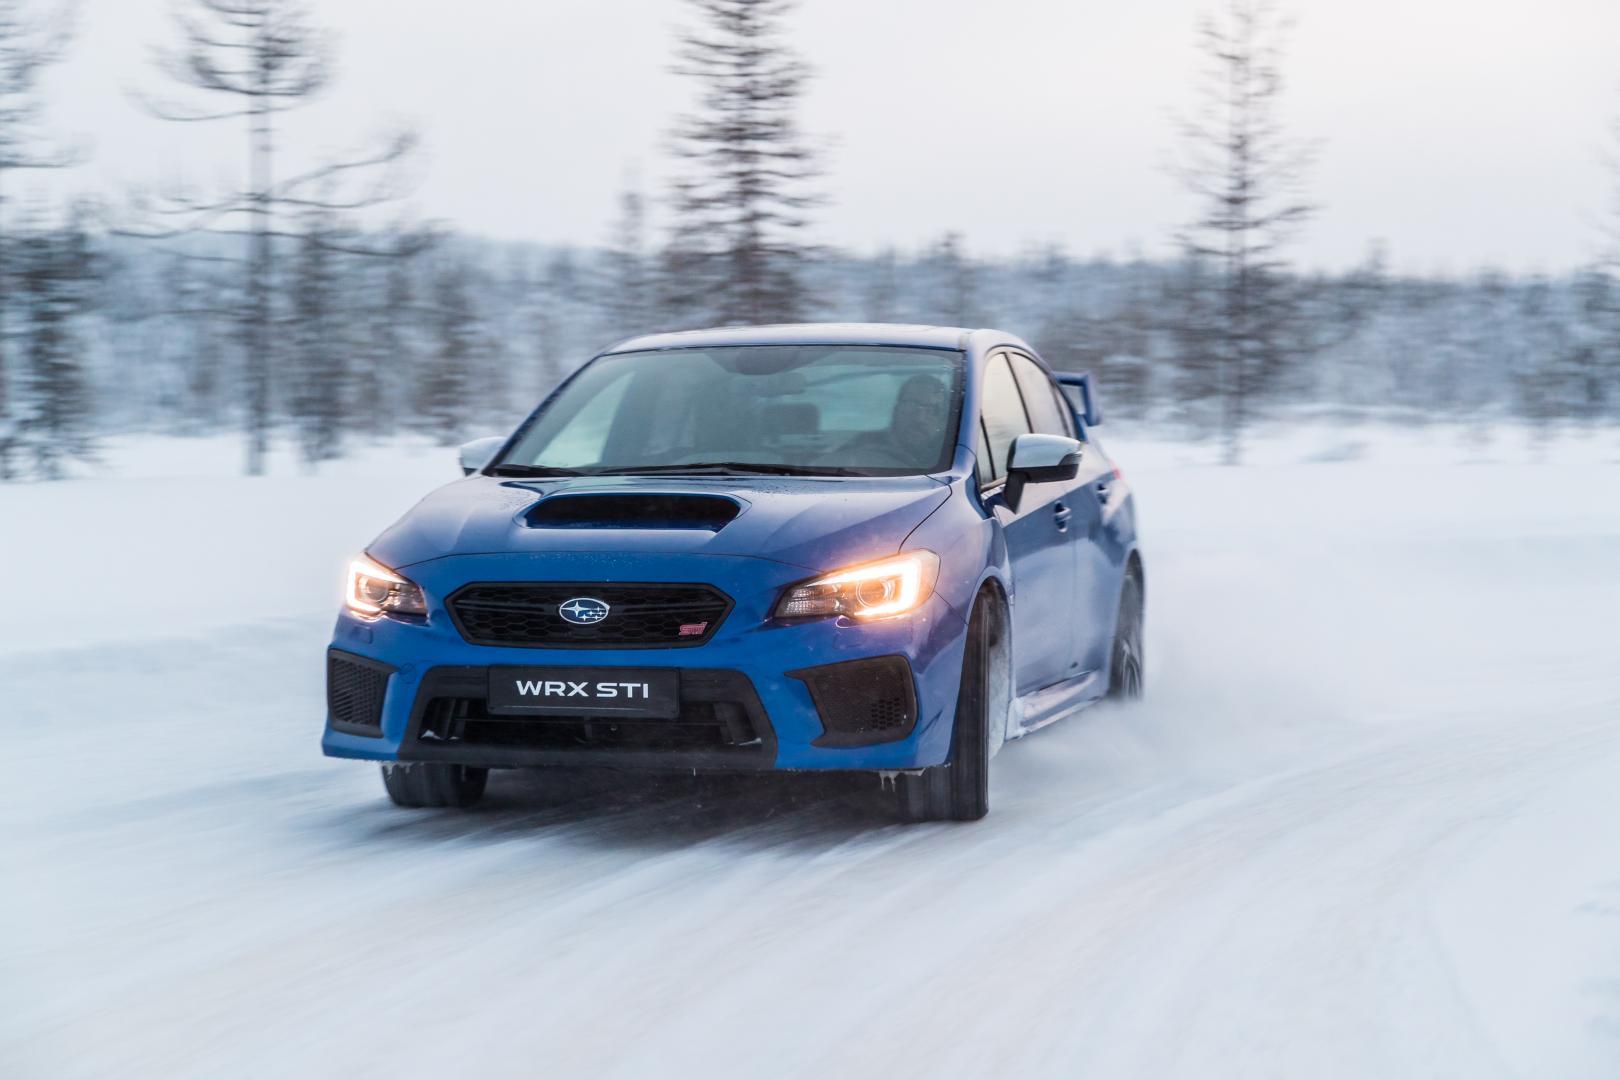 Subaru WRX STI (2018)